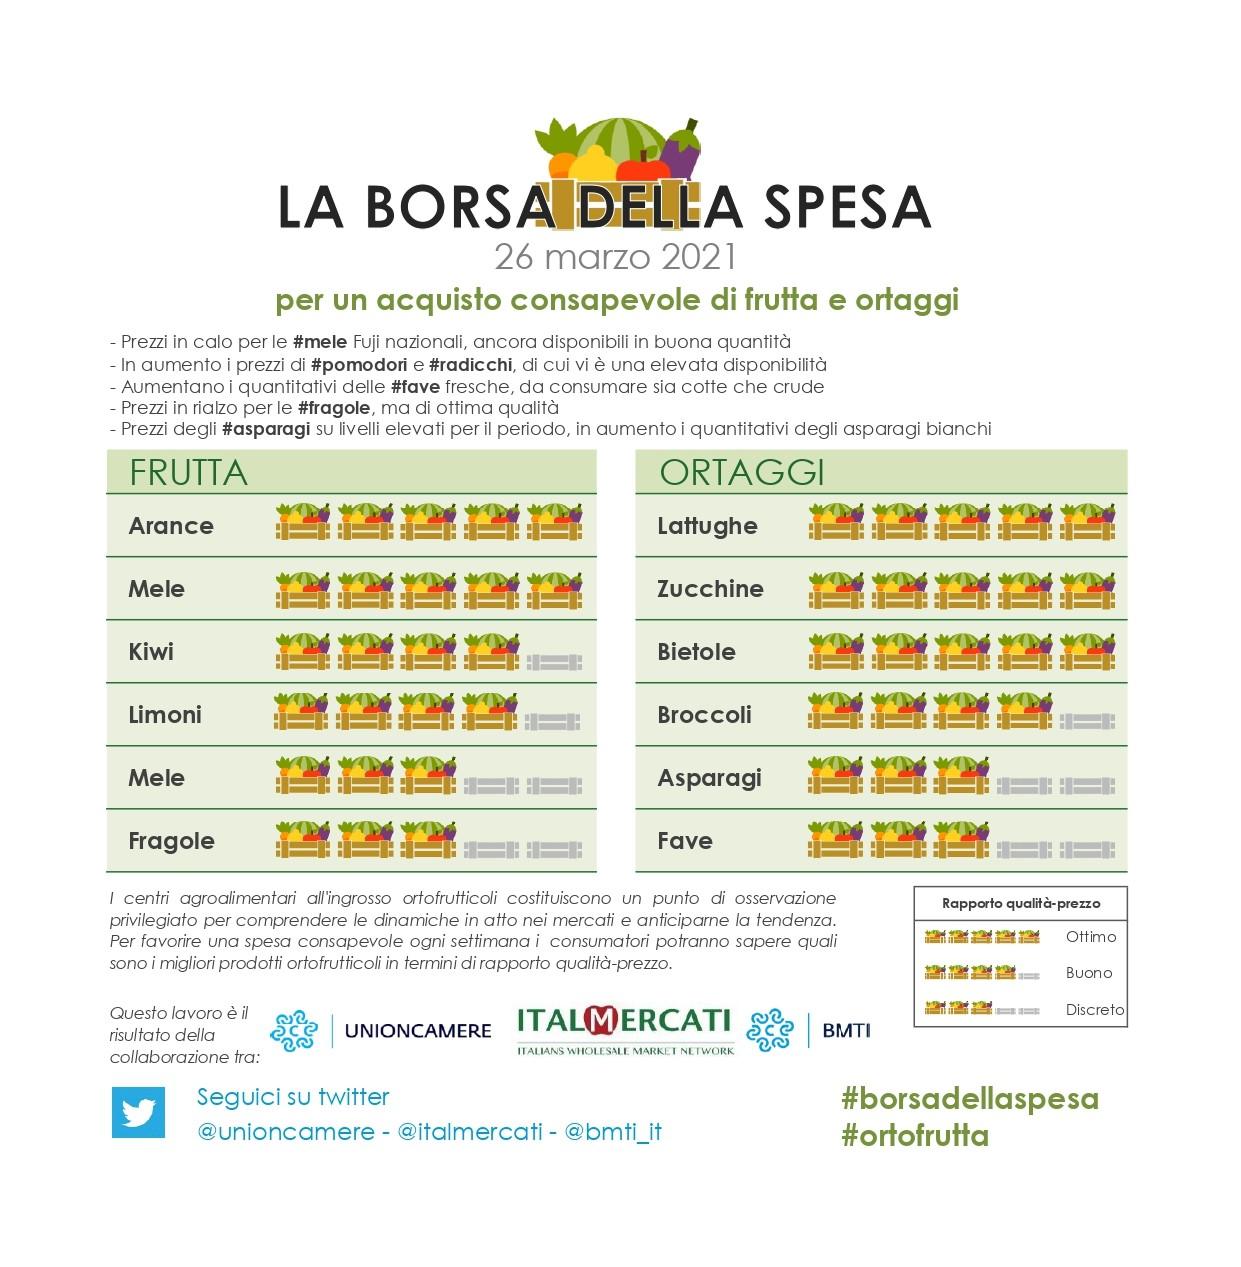 Nella #borsadellaspesa di #ortofrutta di questa settimana: #arance rosse, #mele, #lattughe, #zucchine e  #bietole - 26 marzo 2021